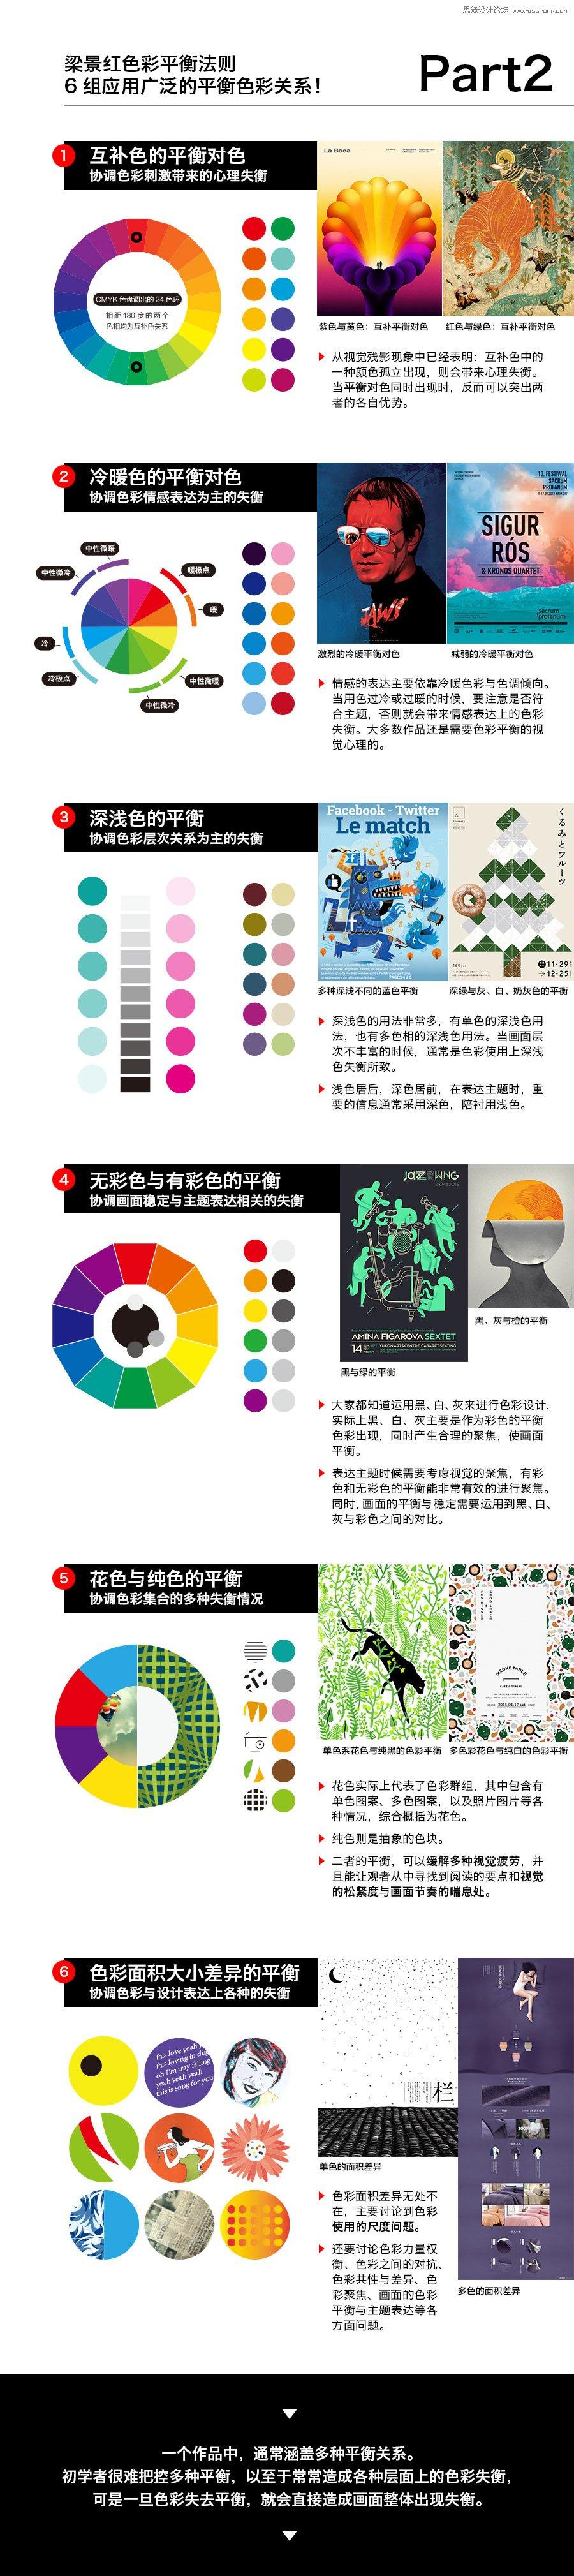 如何通過色彩讓設計在無序中找到規律